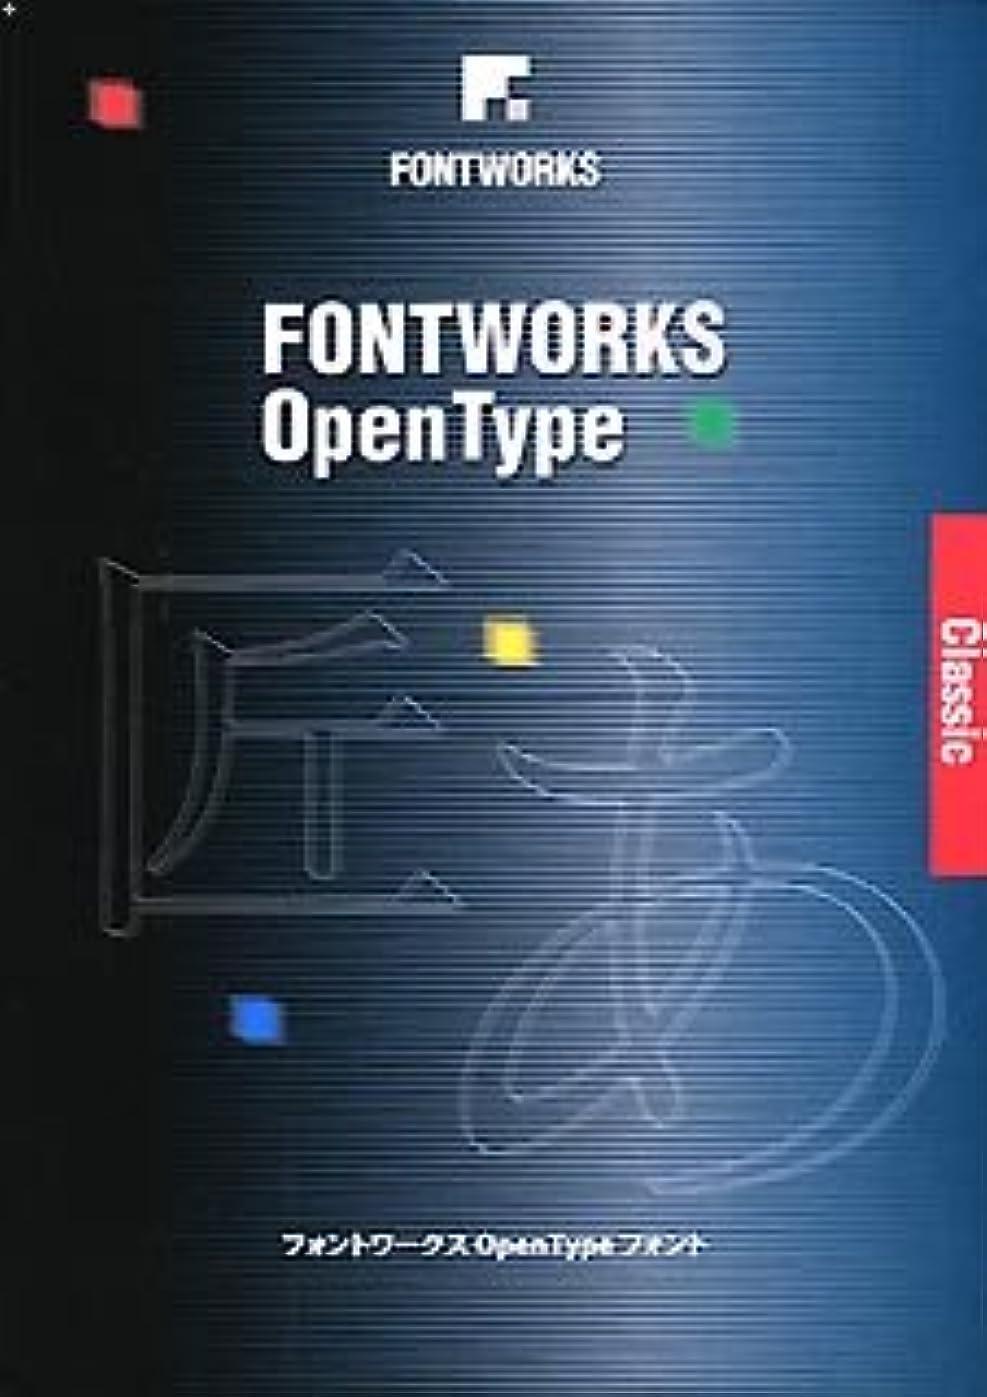 ボクシングオールマウントフォントワークス OpenTypeフォント マティスPro-UB for Windows版